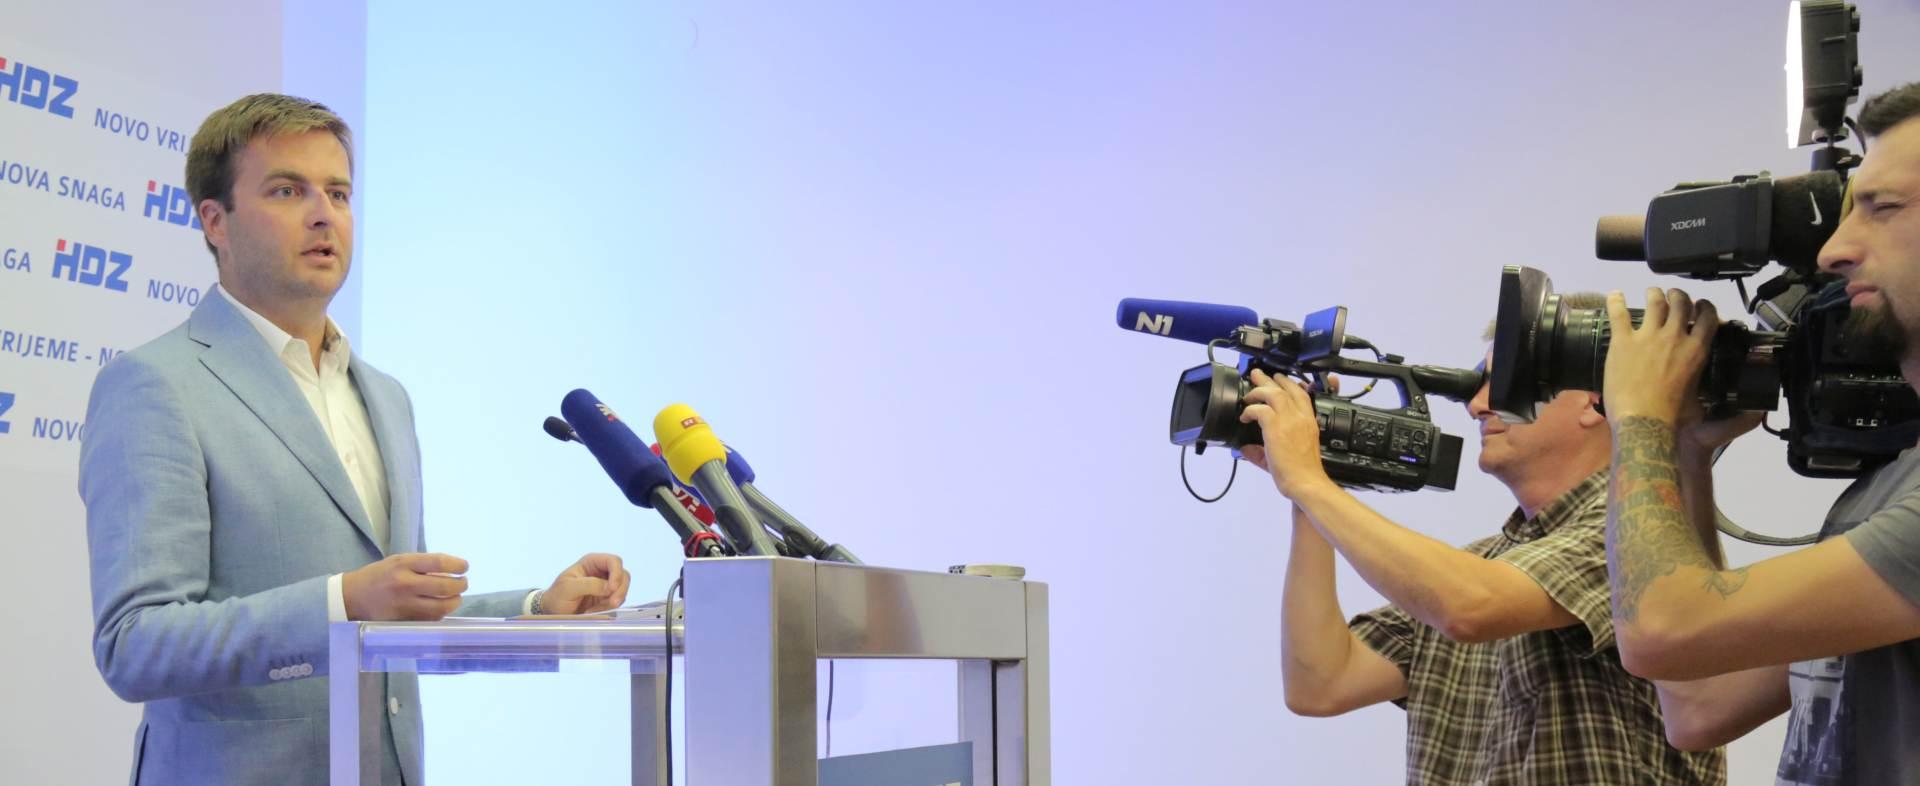 HDZ: Provedba iste ekonomske politike Hrvatsku ekonomski udaljava od Europe